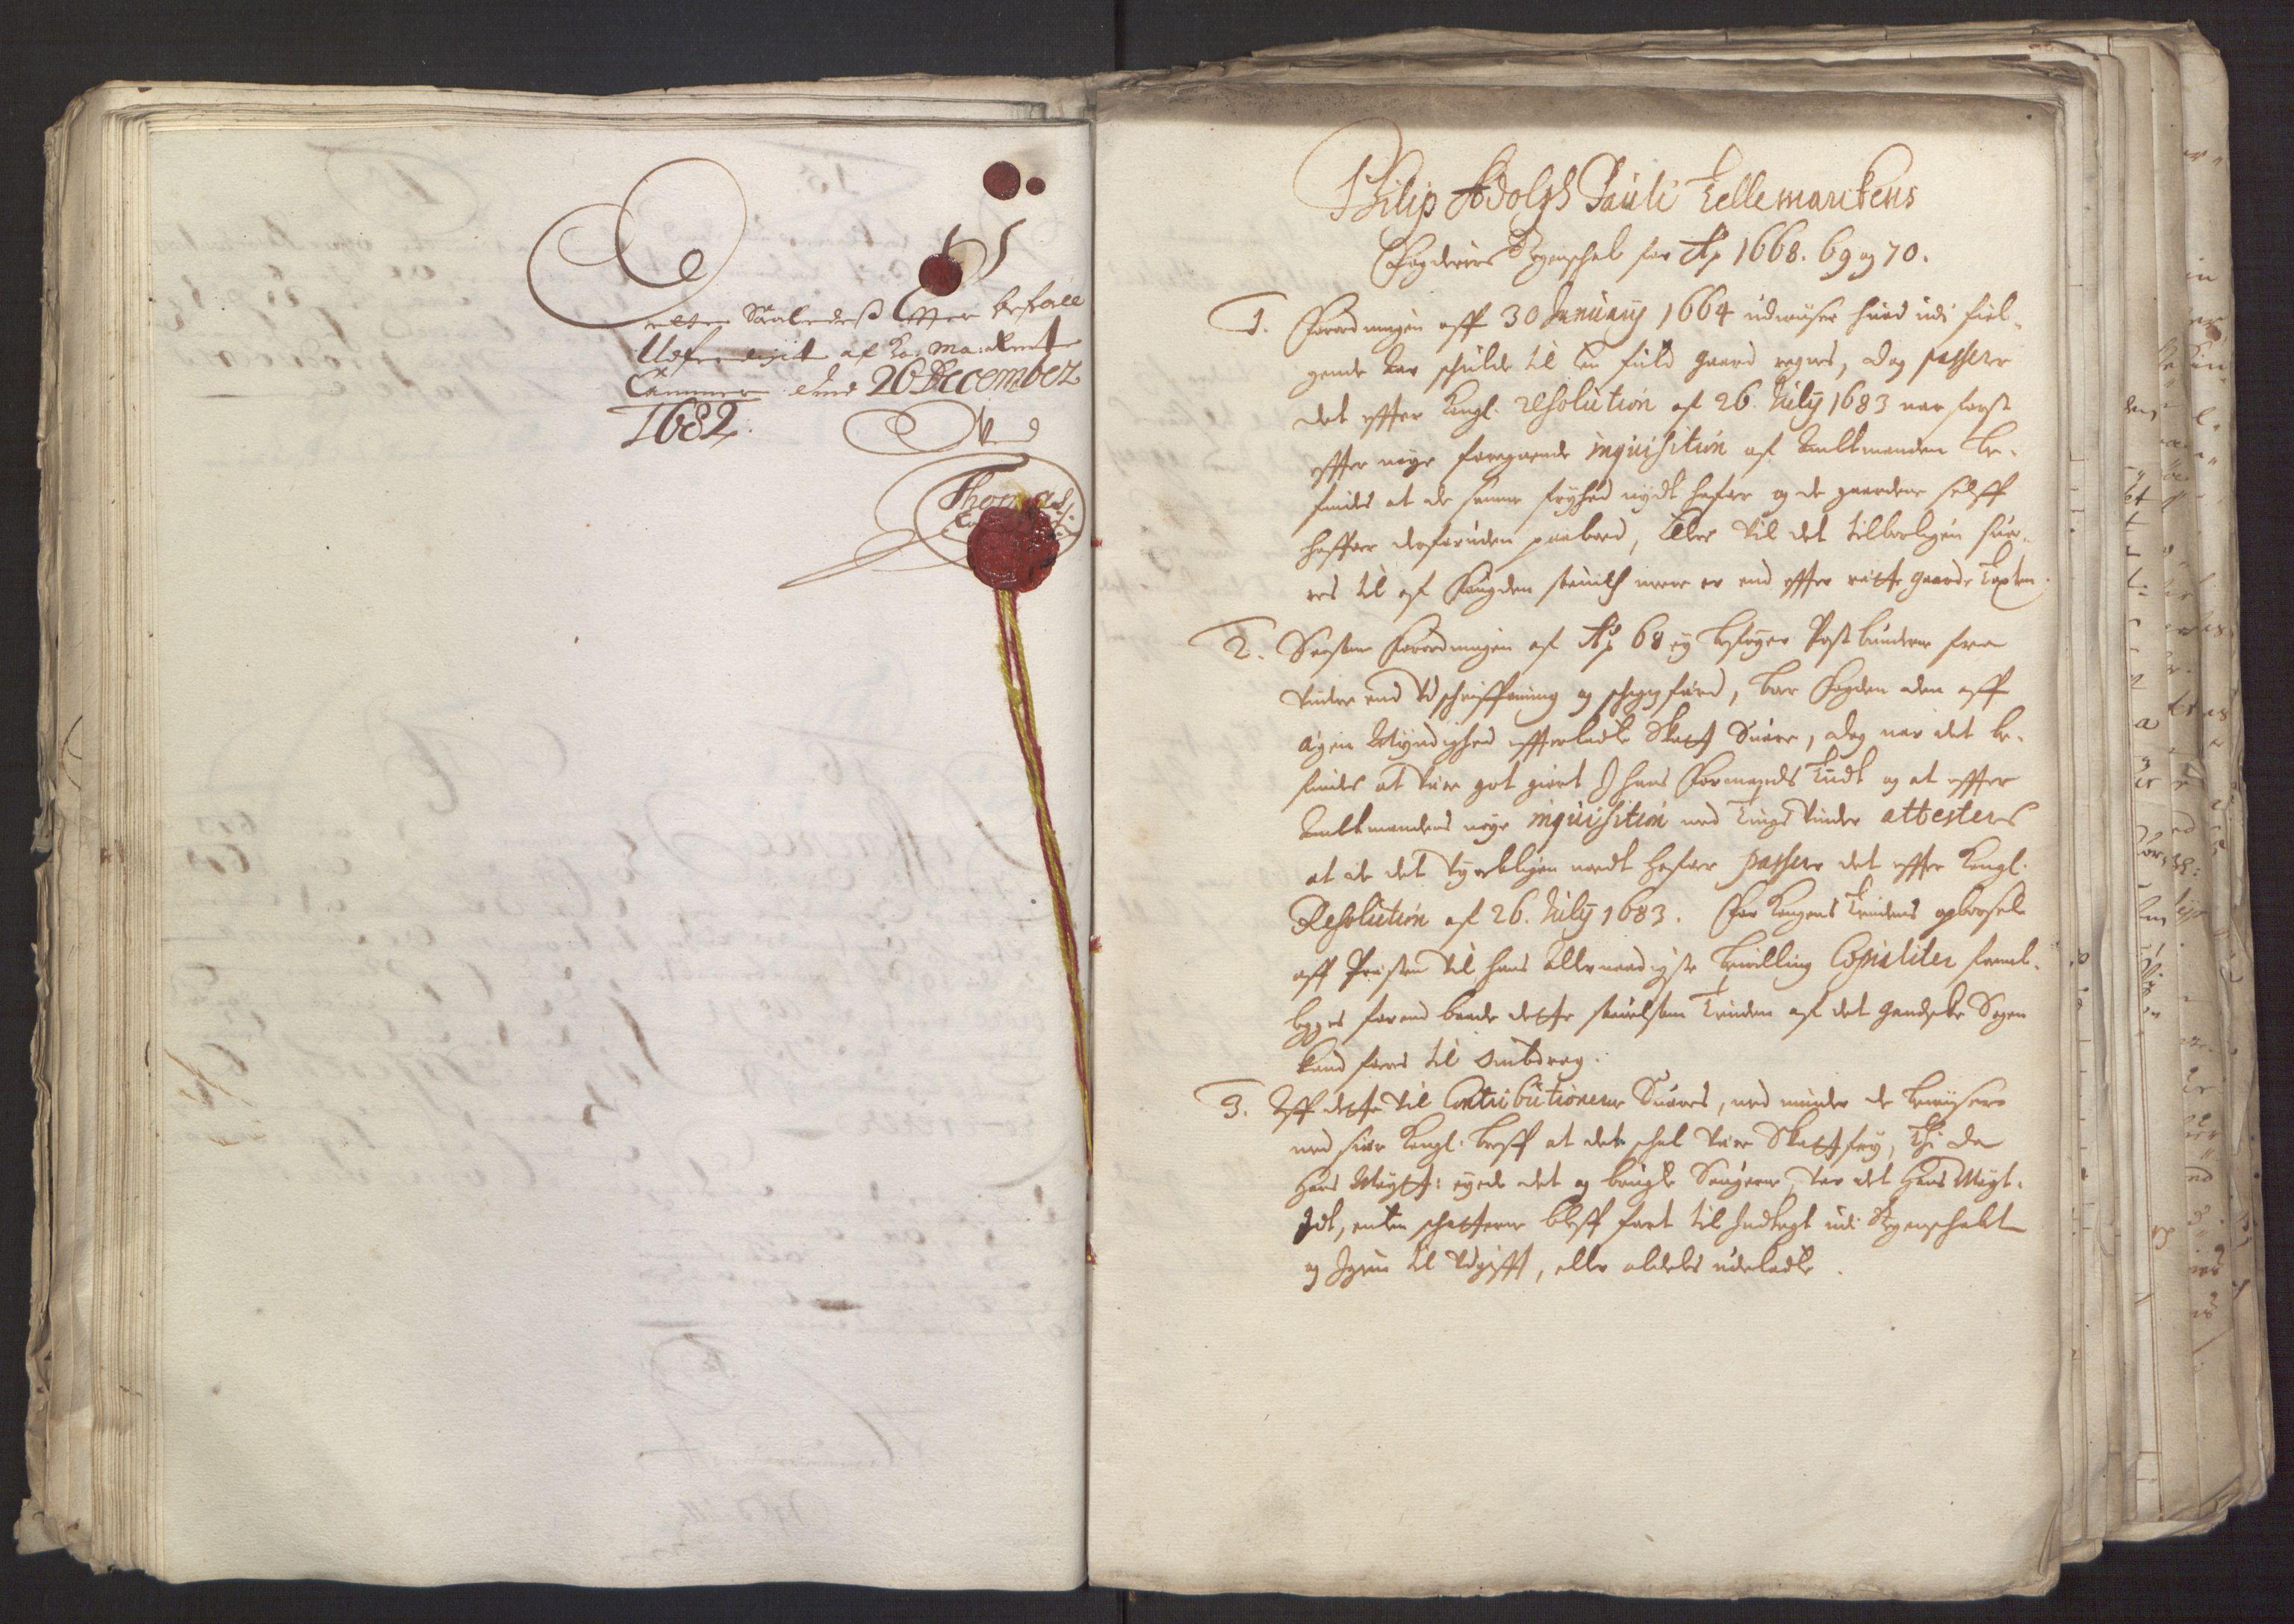 RA, Rentekammeret inntil 1814, Reviderte regnskaper, Fogderegnskap, R35/L2062: Fogderegnskap Øvre og Nedre Telemark, 1674, s. 45